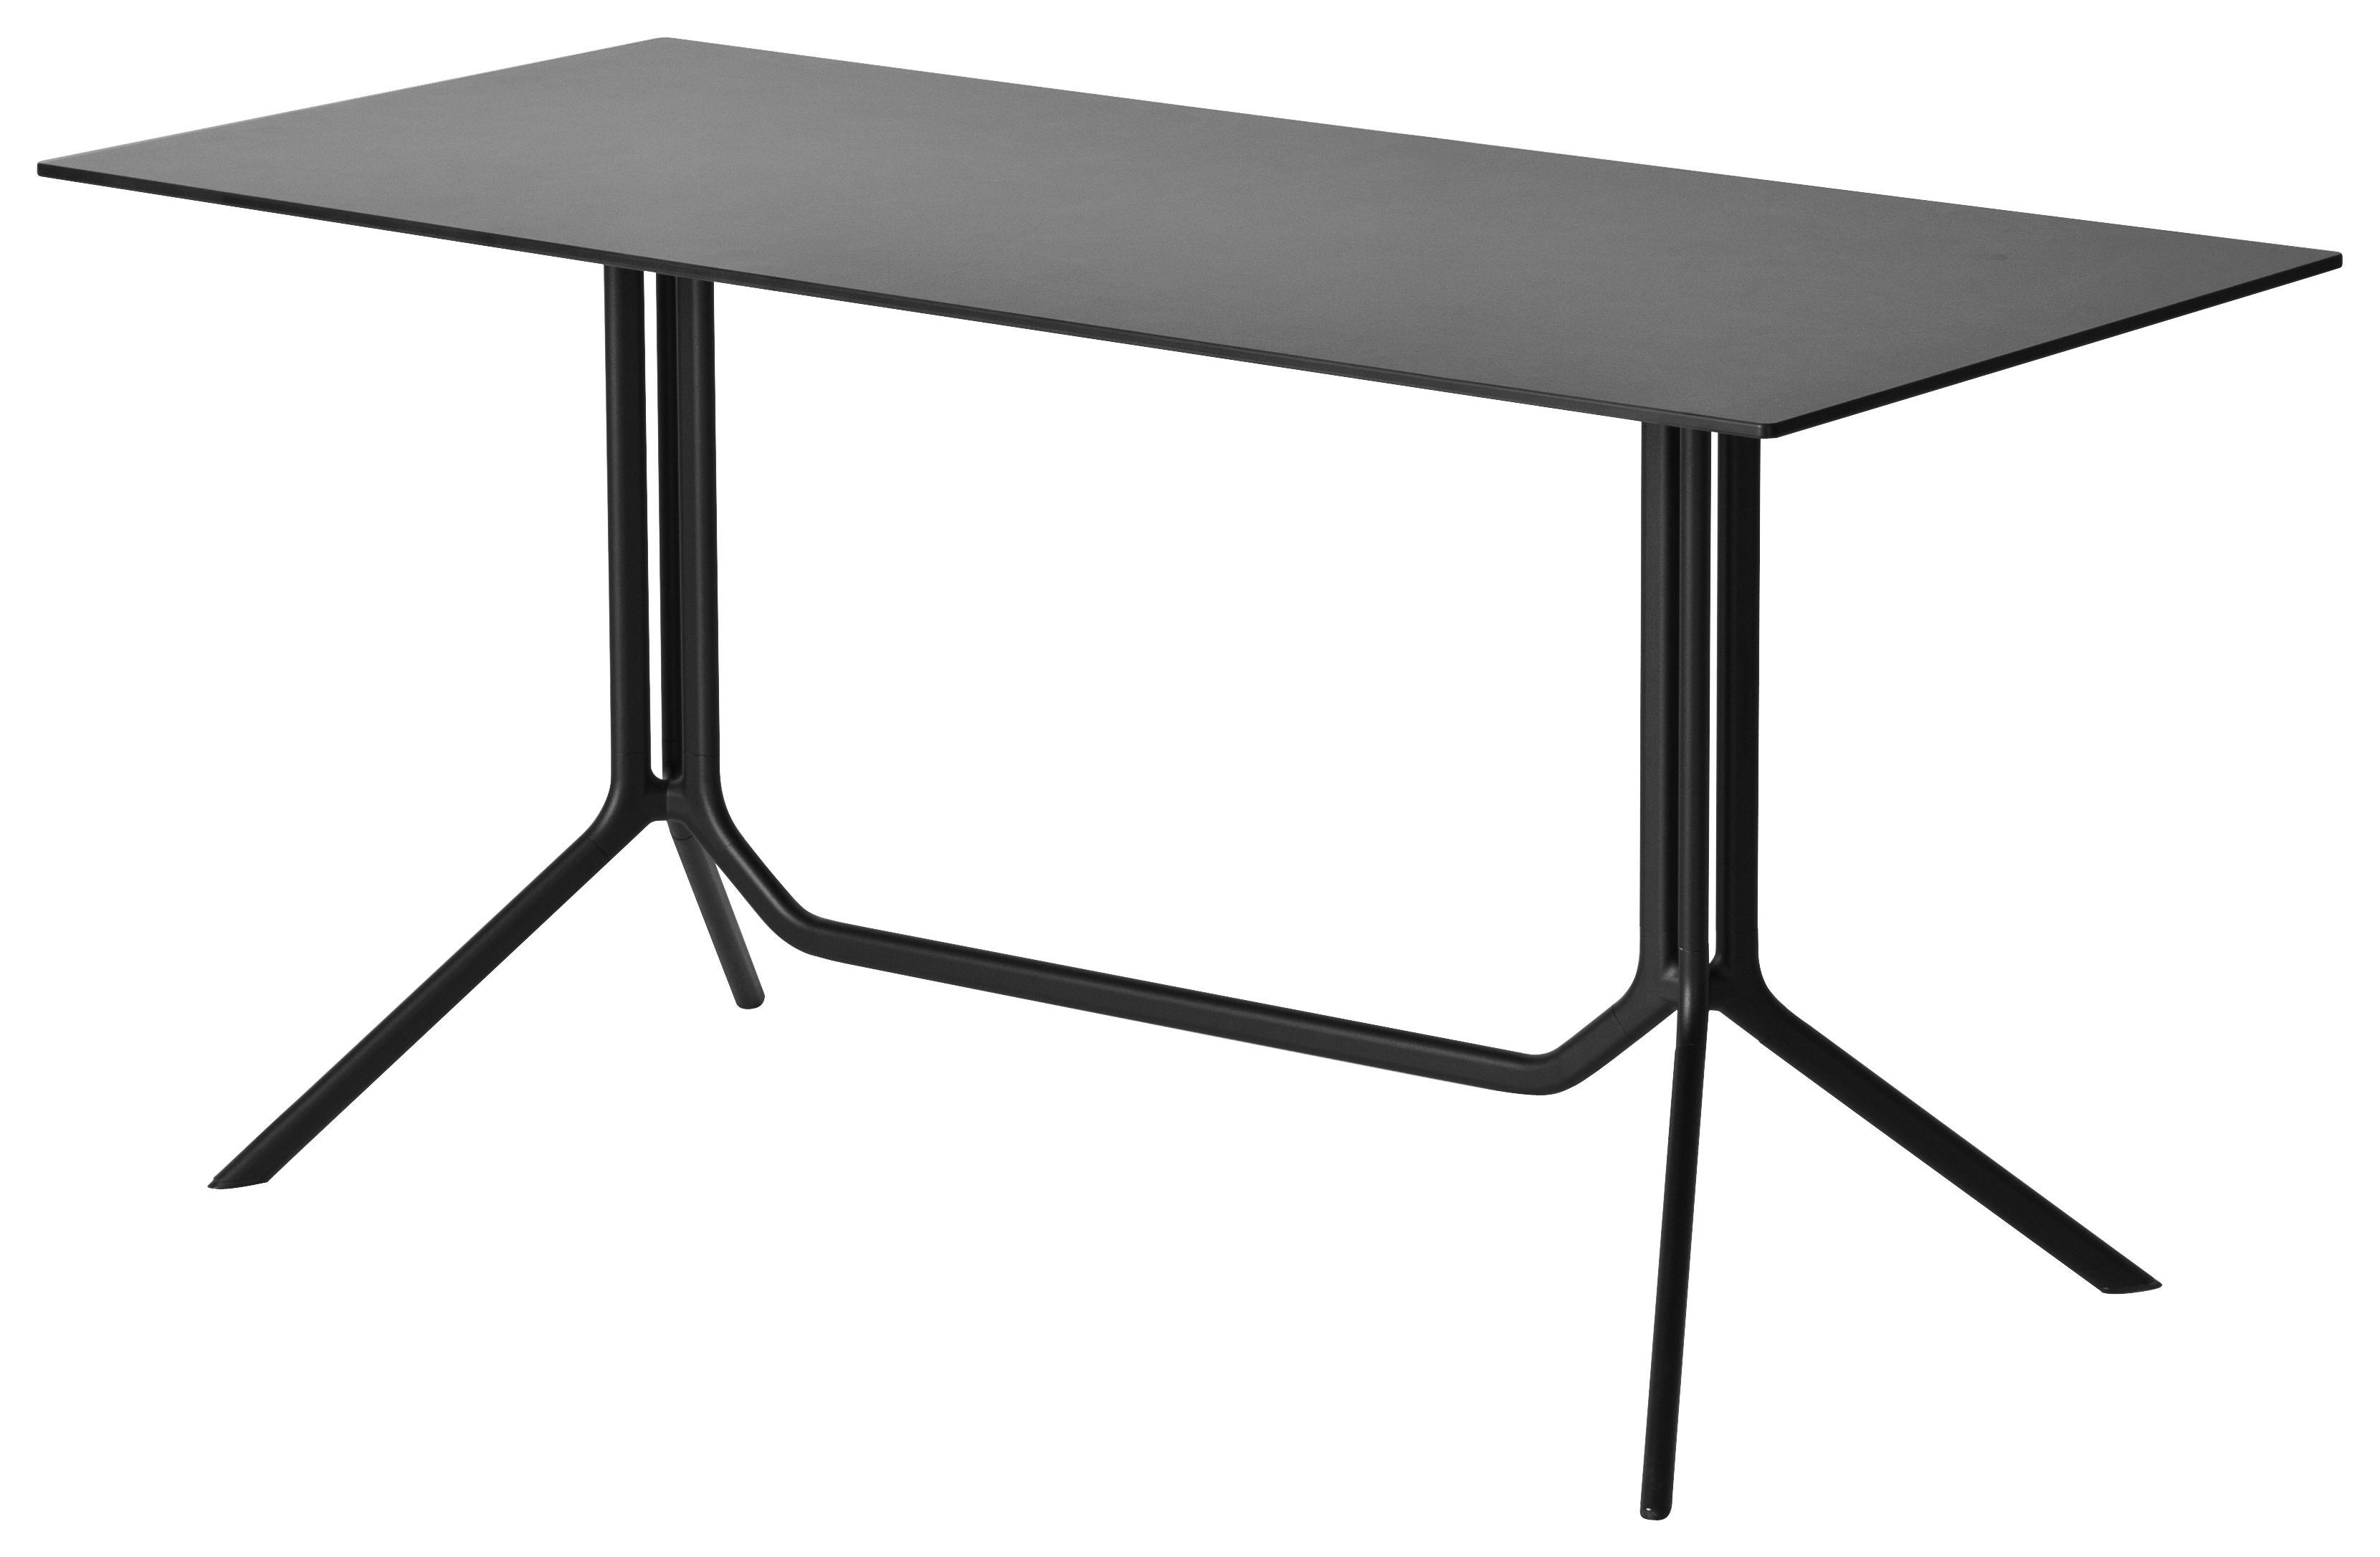 Outdoor - Tavoli  - Tavolo pieghevole Poule double - / 120 x 60 cm di Kristalia - Laminato nero - Alluminio laccato a polvere, Stratificato